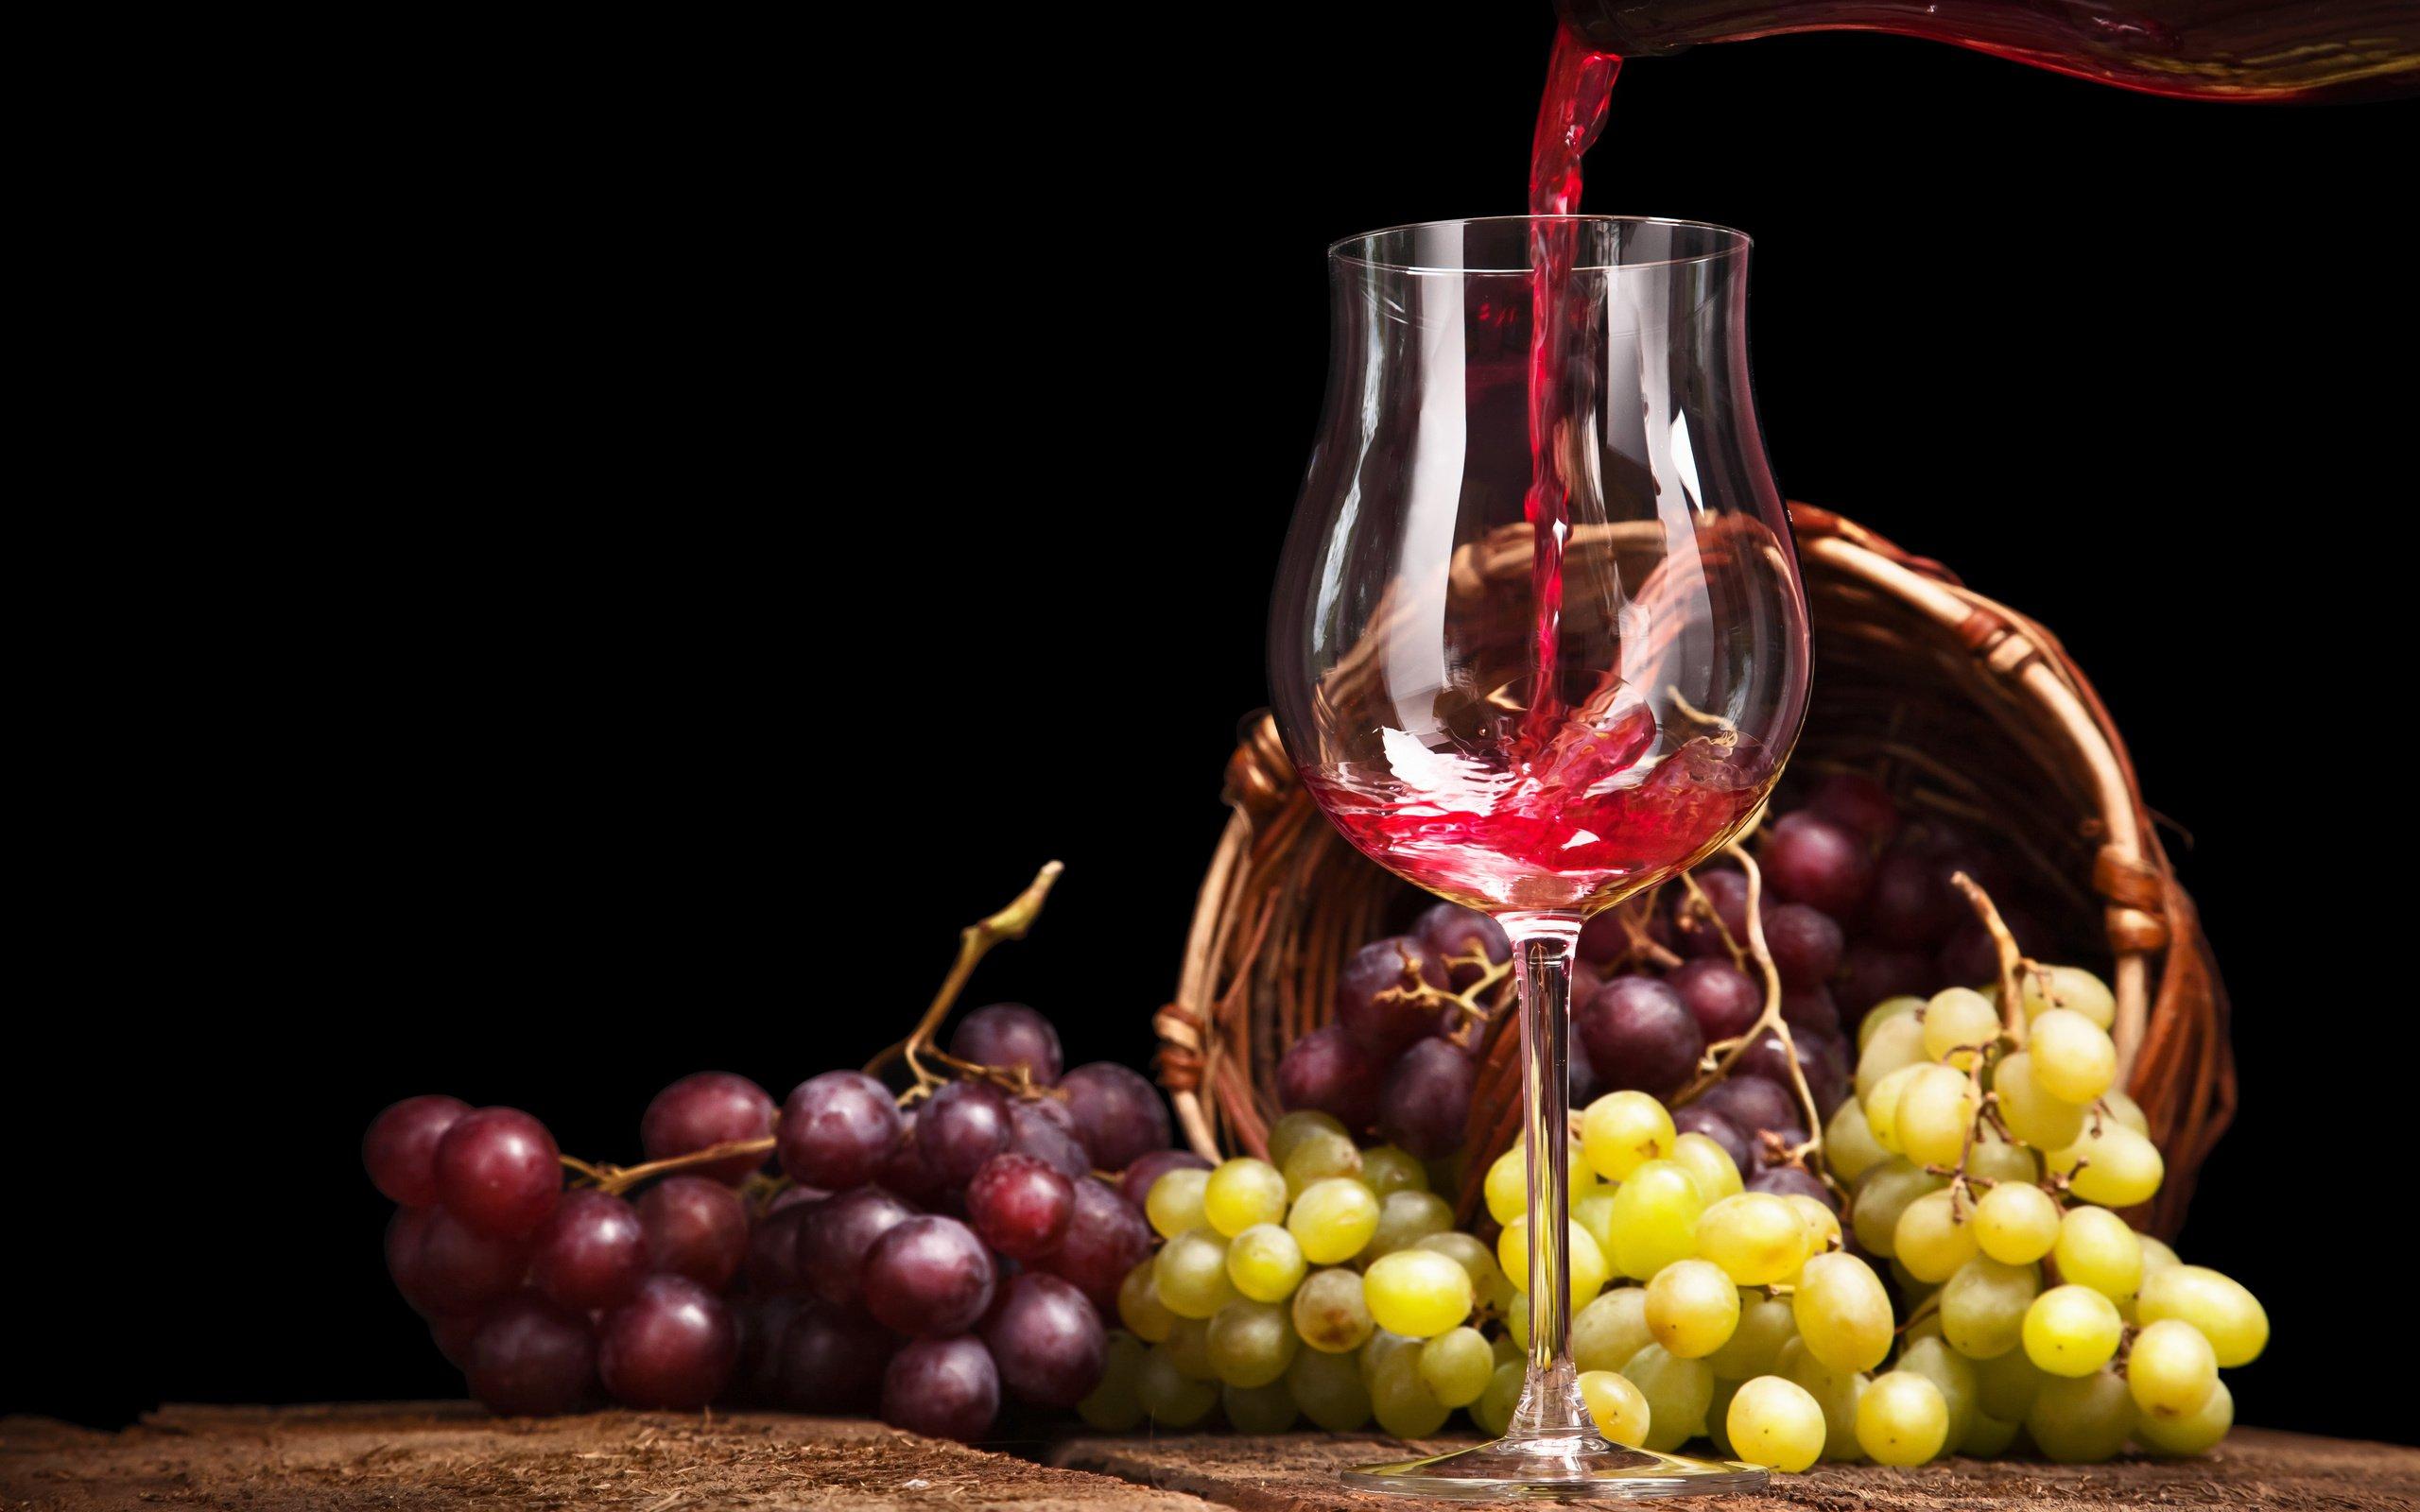 Бокал с вином в форме тюльпана